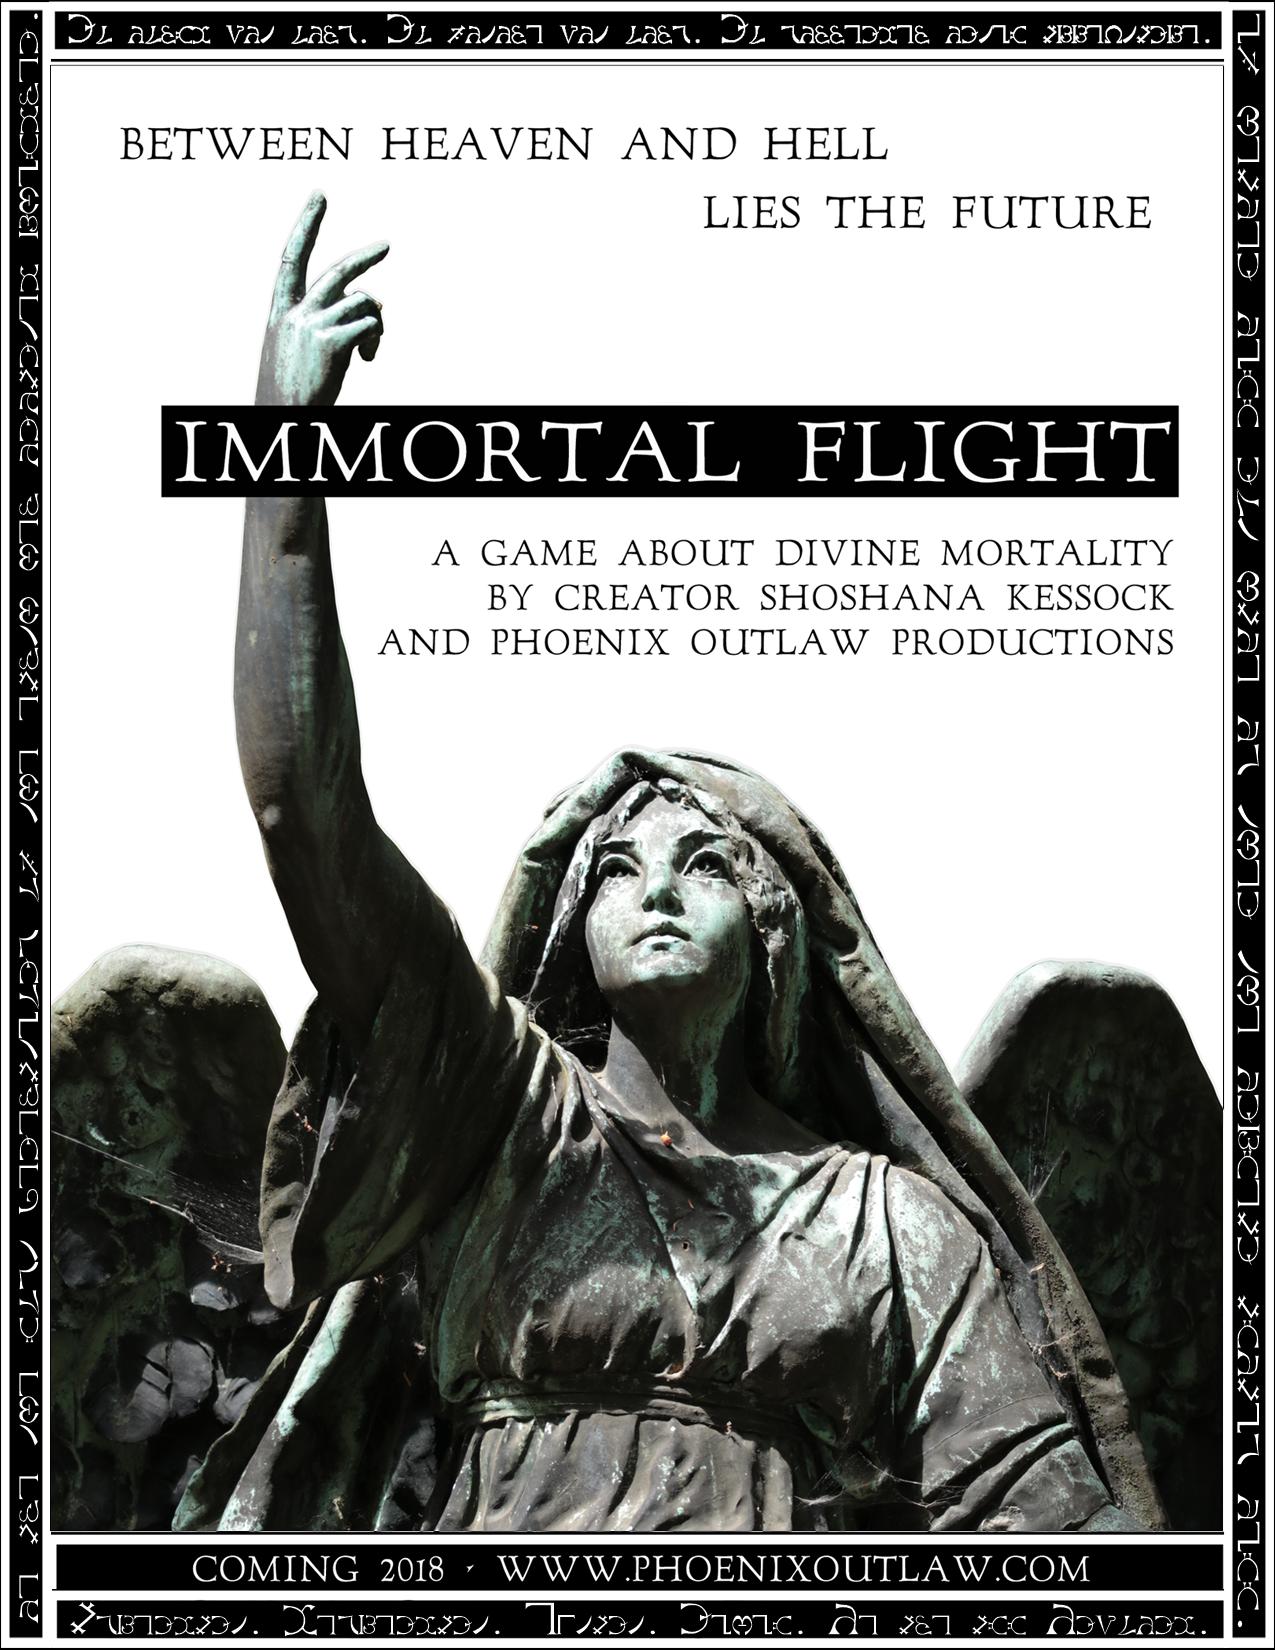 Immortal Flight